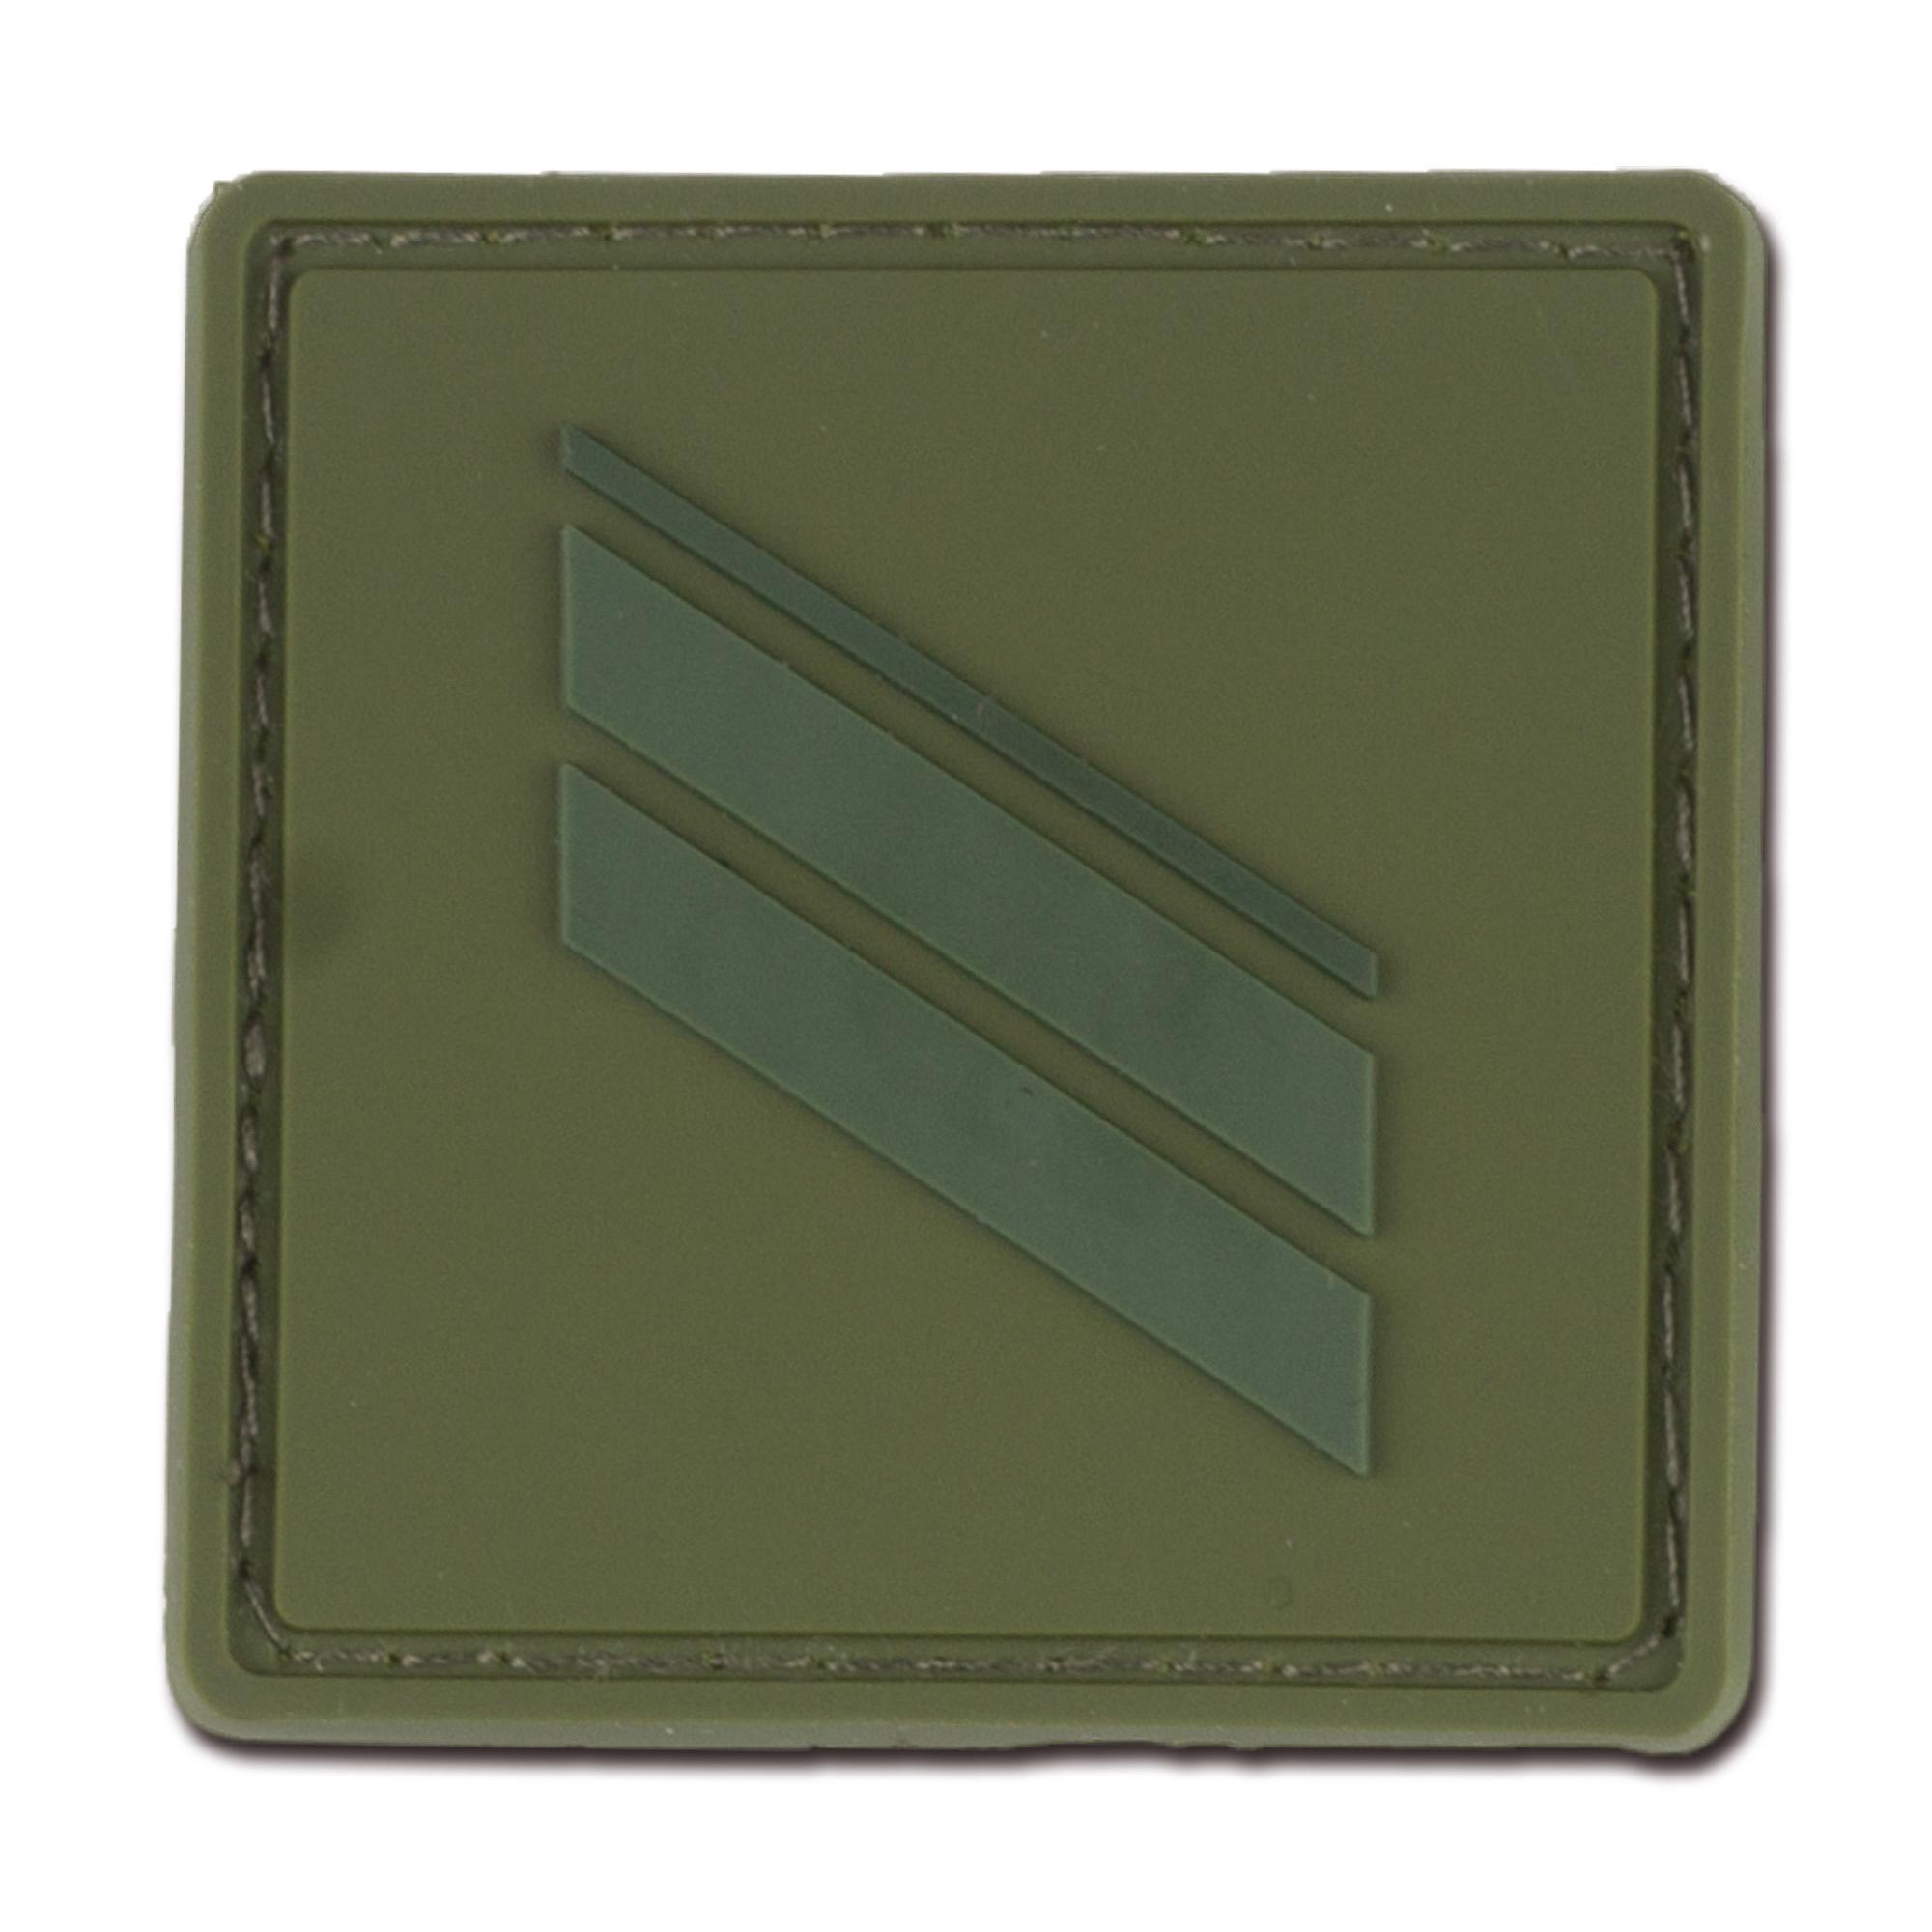 Dienstgradabzeichen Frankreich Caporal oliv tarn